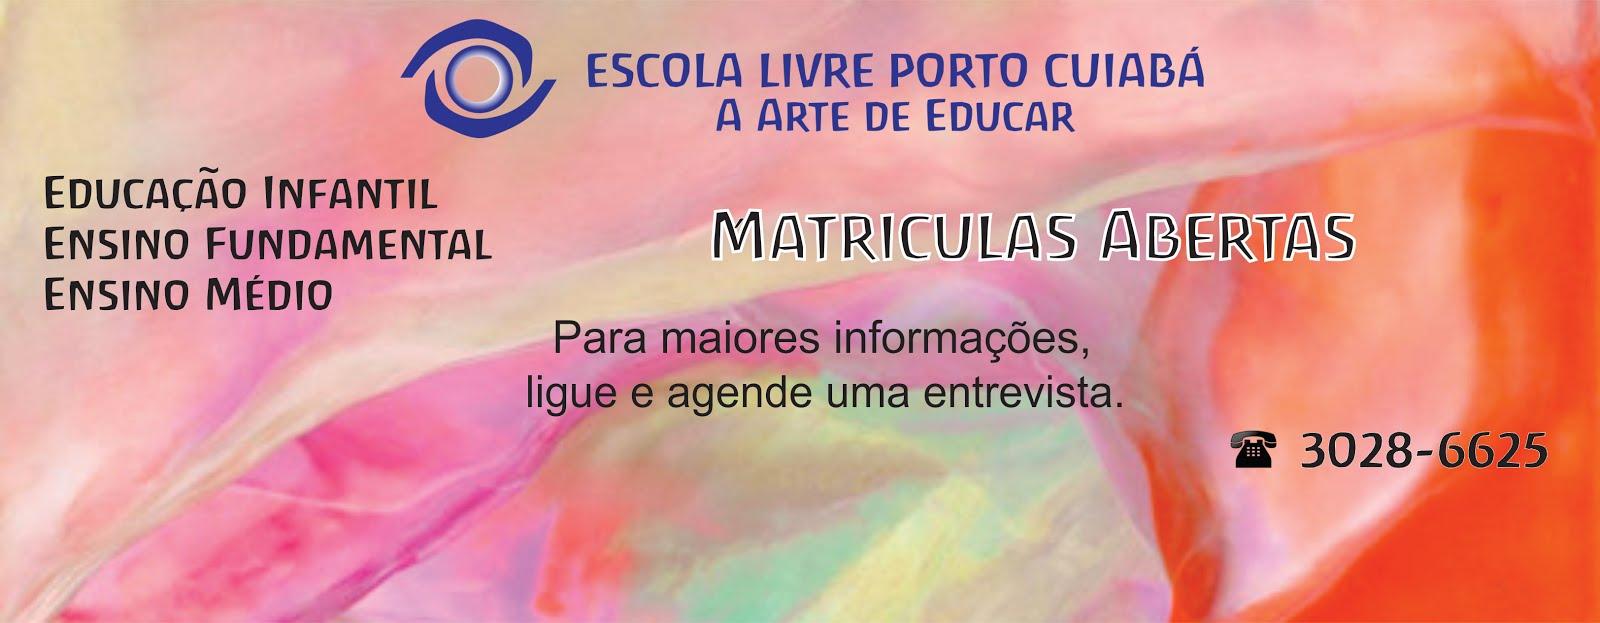 Escola Livre Porto Cuiabá